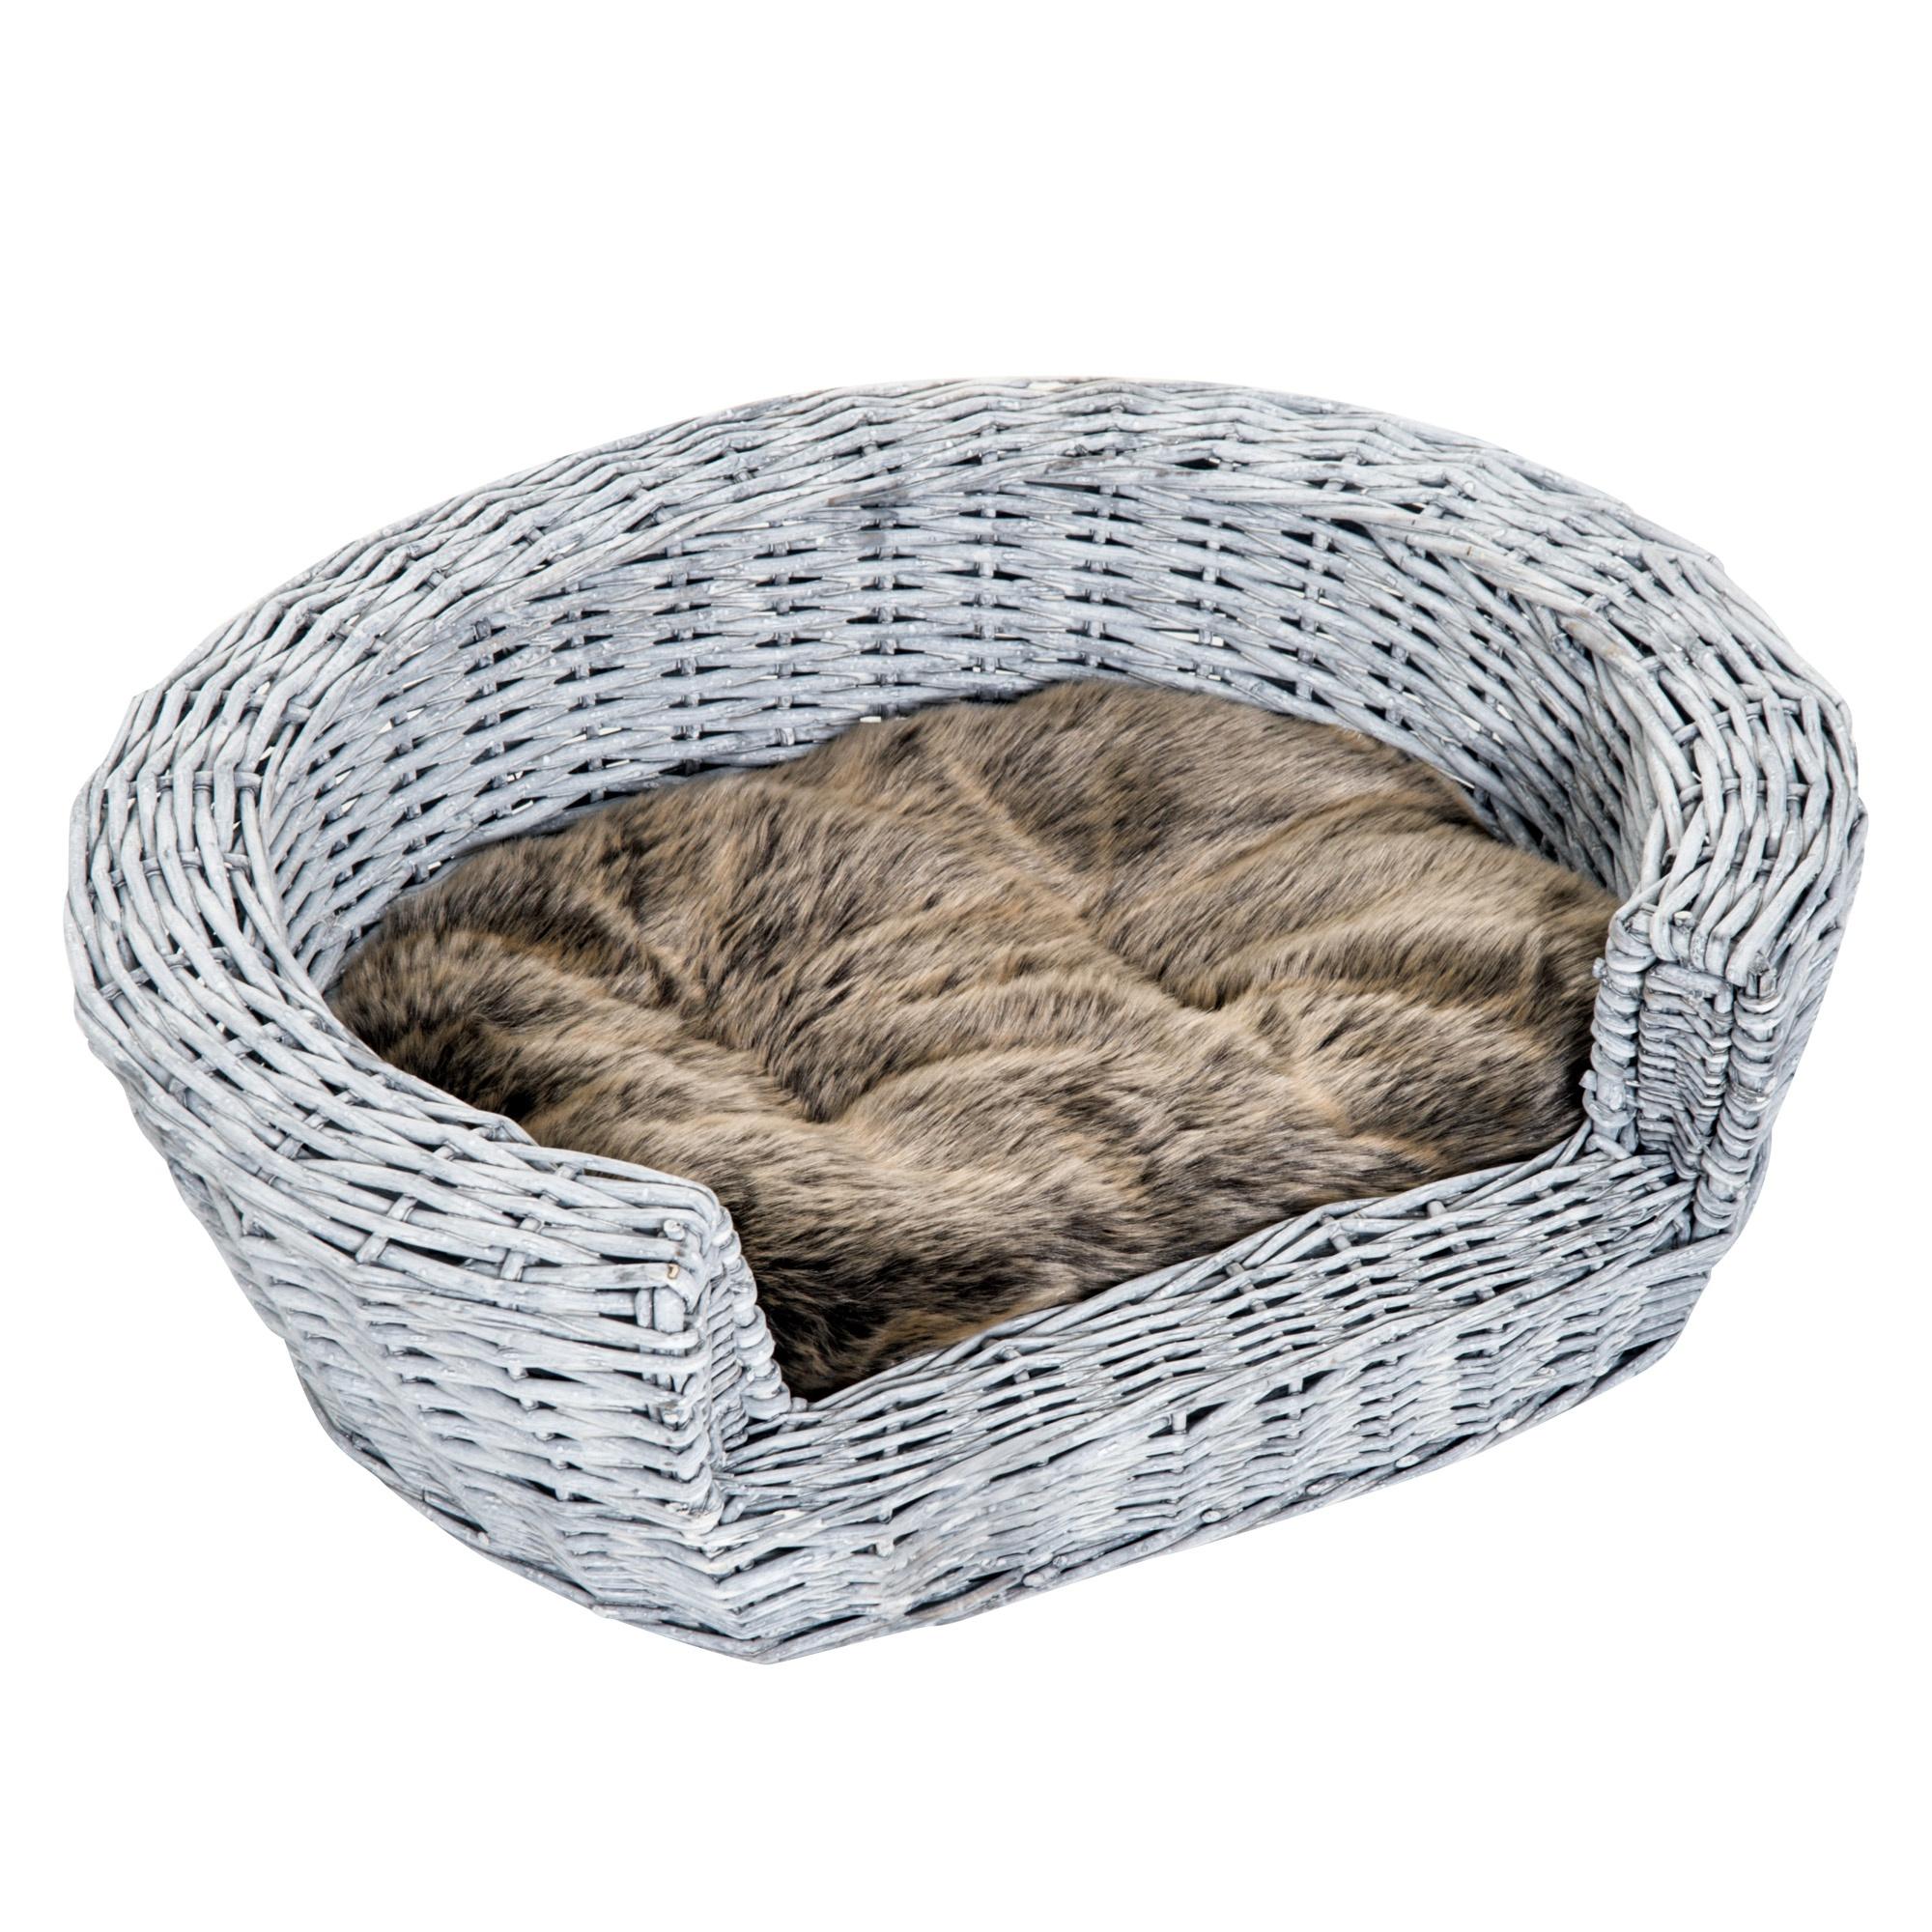 PawHut Cuccia Interno per Animali Domestici con cuscino Grigio marrone 57 × 46 × 17.5cm